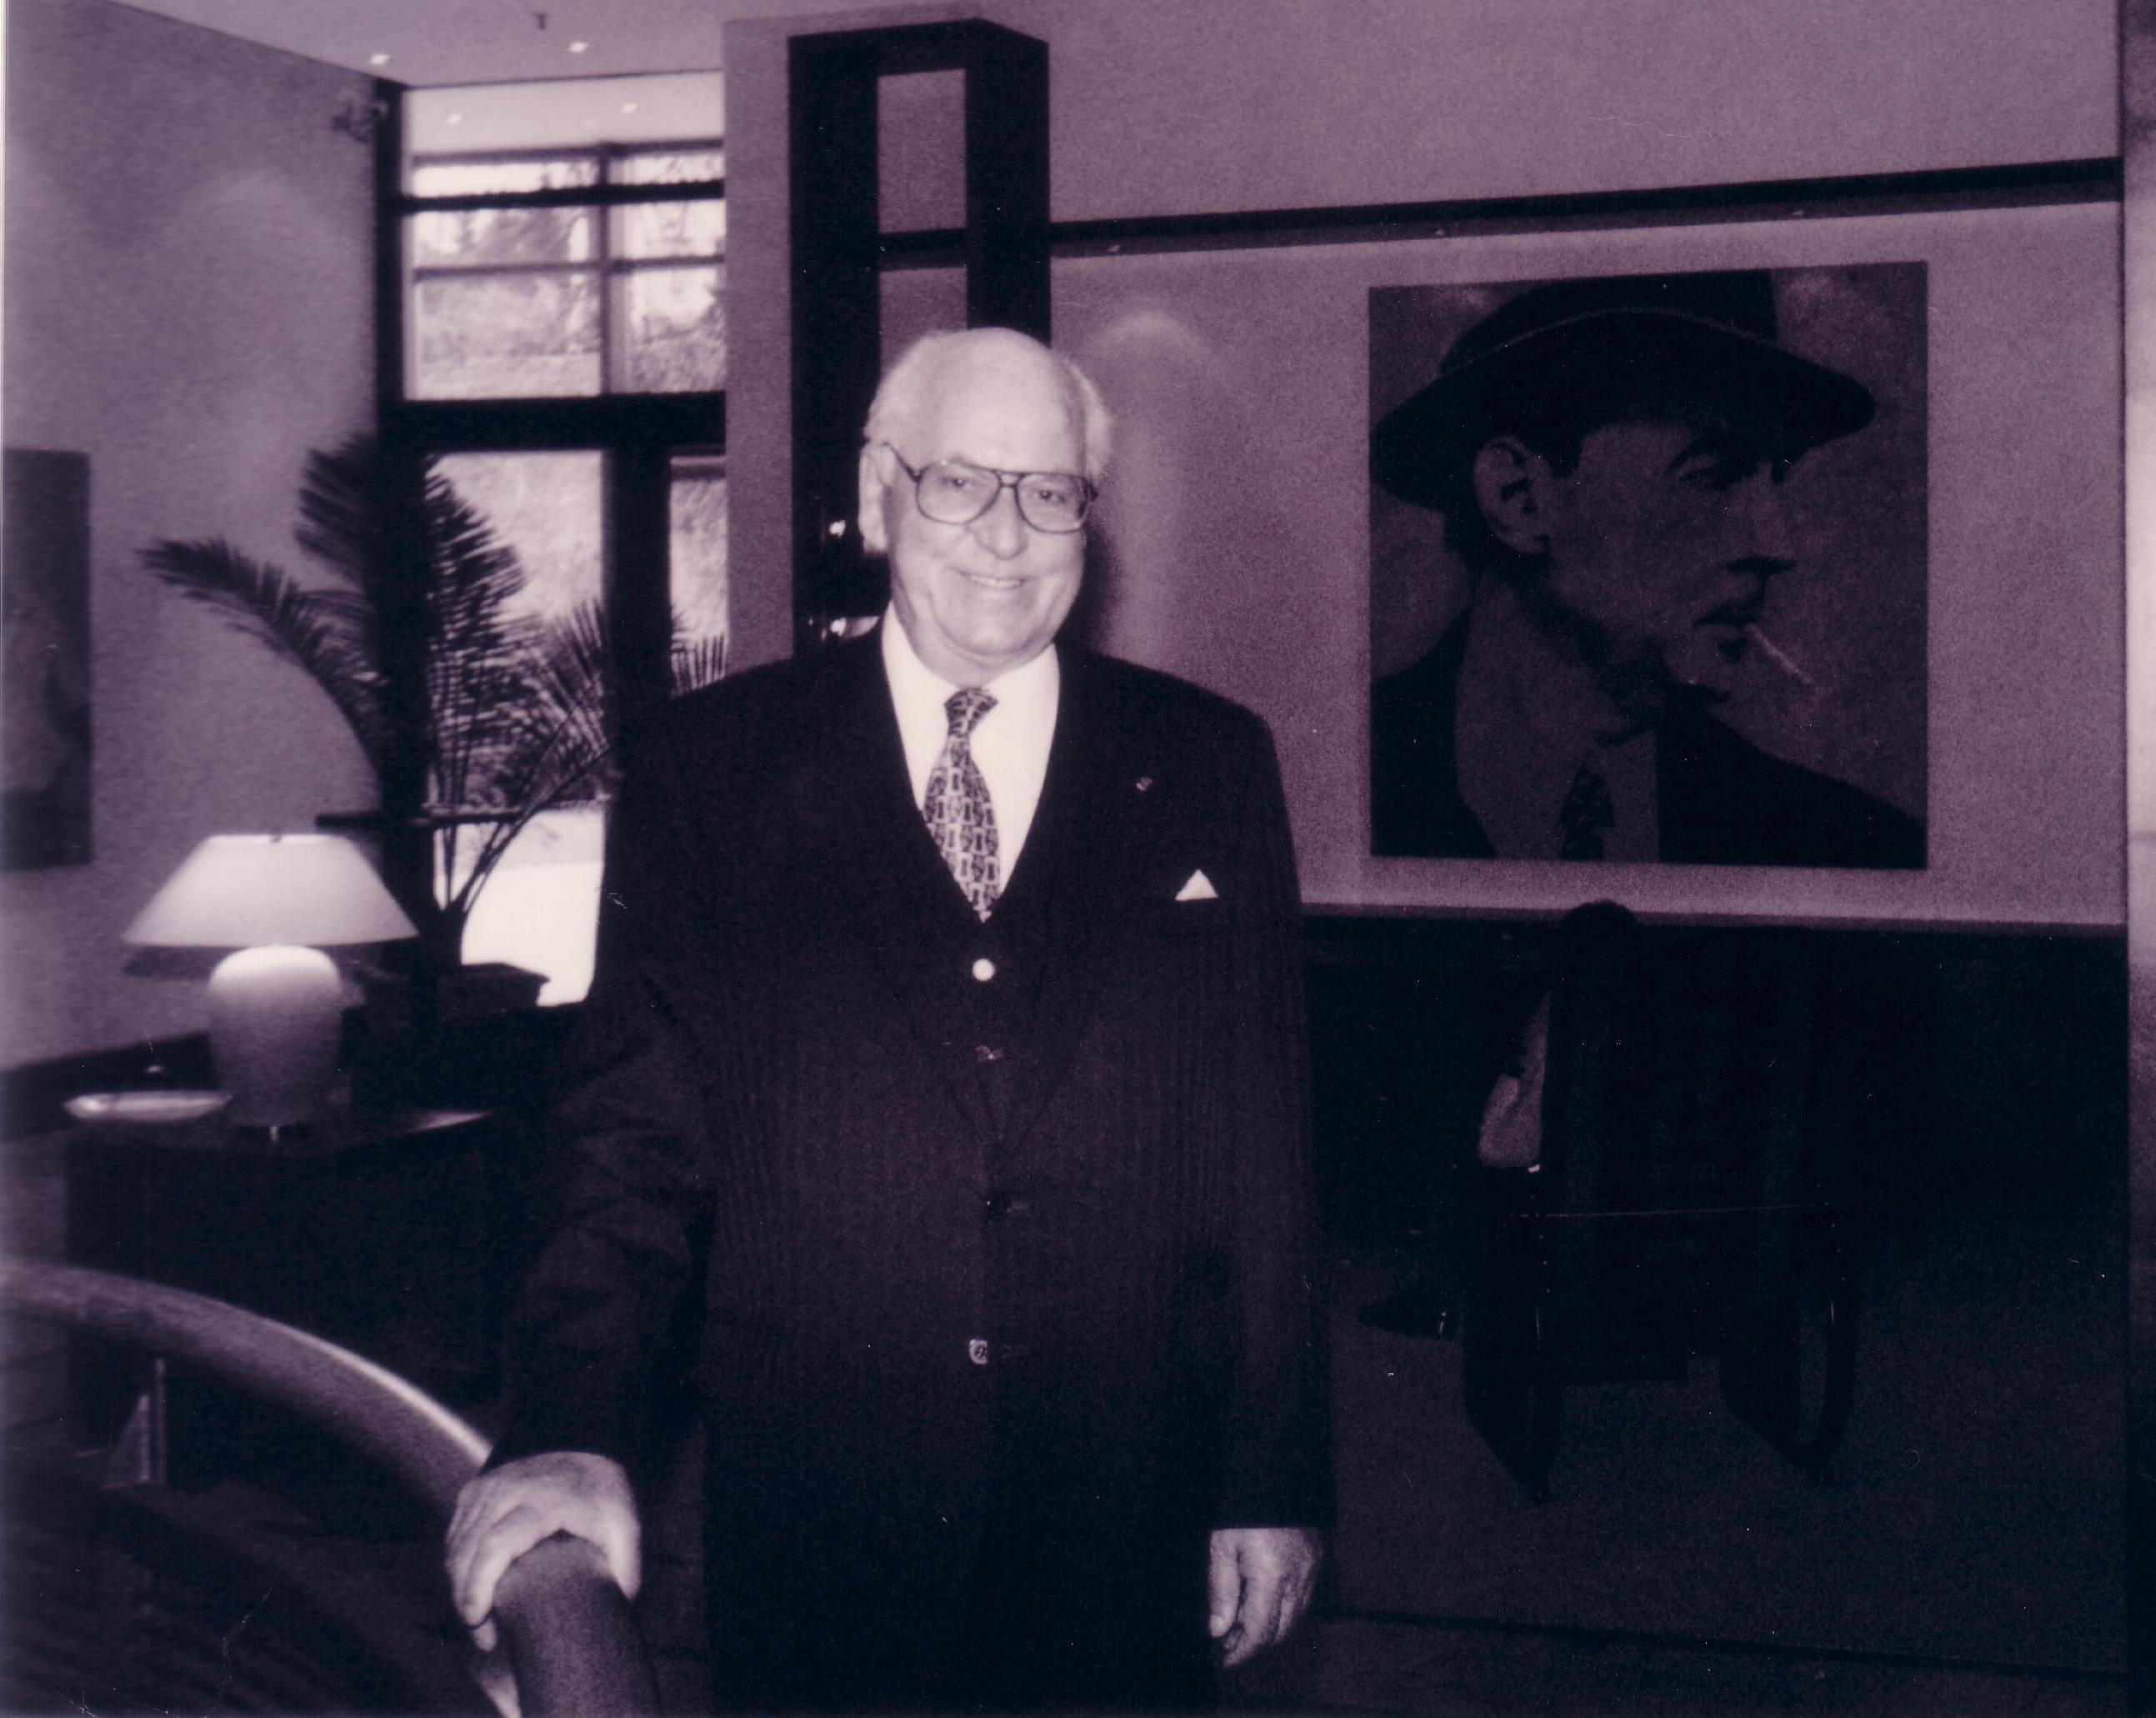 Lennart Meri, kellest sai 1992. aastal – pärast kaht aastat välisministrina Edgar Savisaare alluvuses – Eesti president kuni aastani 2001. Pildil koos Erich Maria Remarque'i portreega. Foto: Jens-Olaf Walter (CC by 2.0)